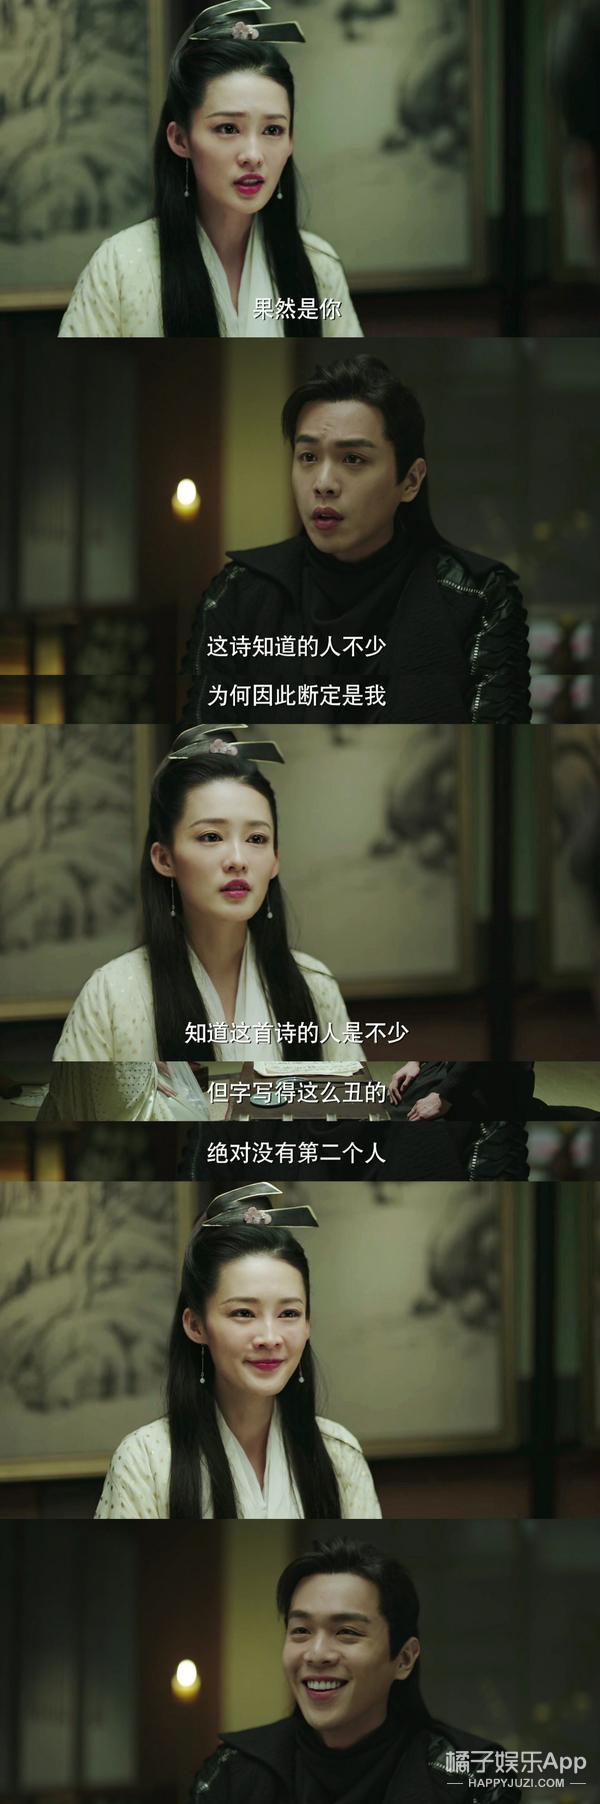 张若昀拍《庆余年》时写了啥?兰州拉面、黄焖鸡,剧组不发盒饭吗